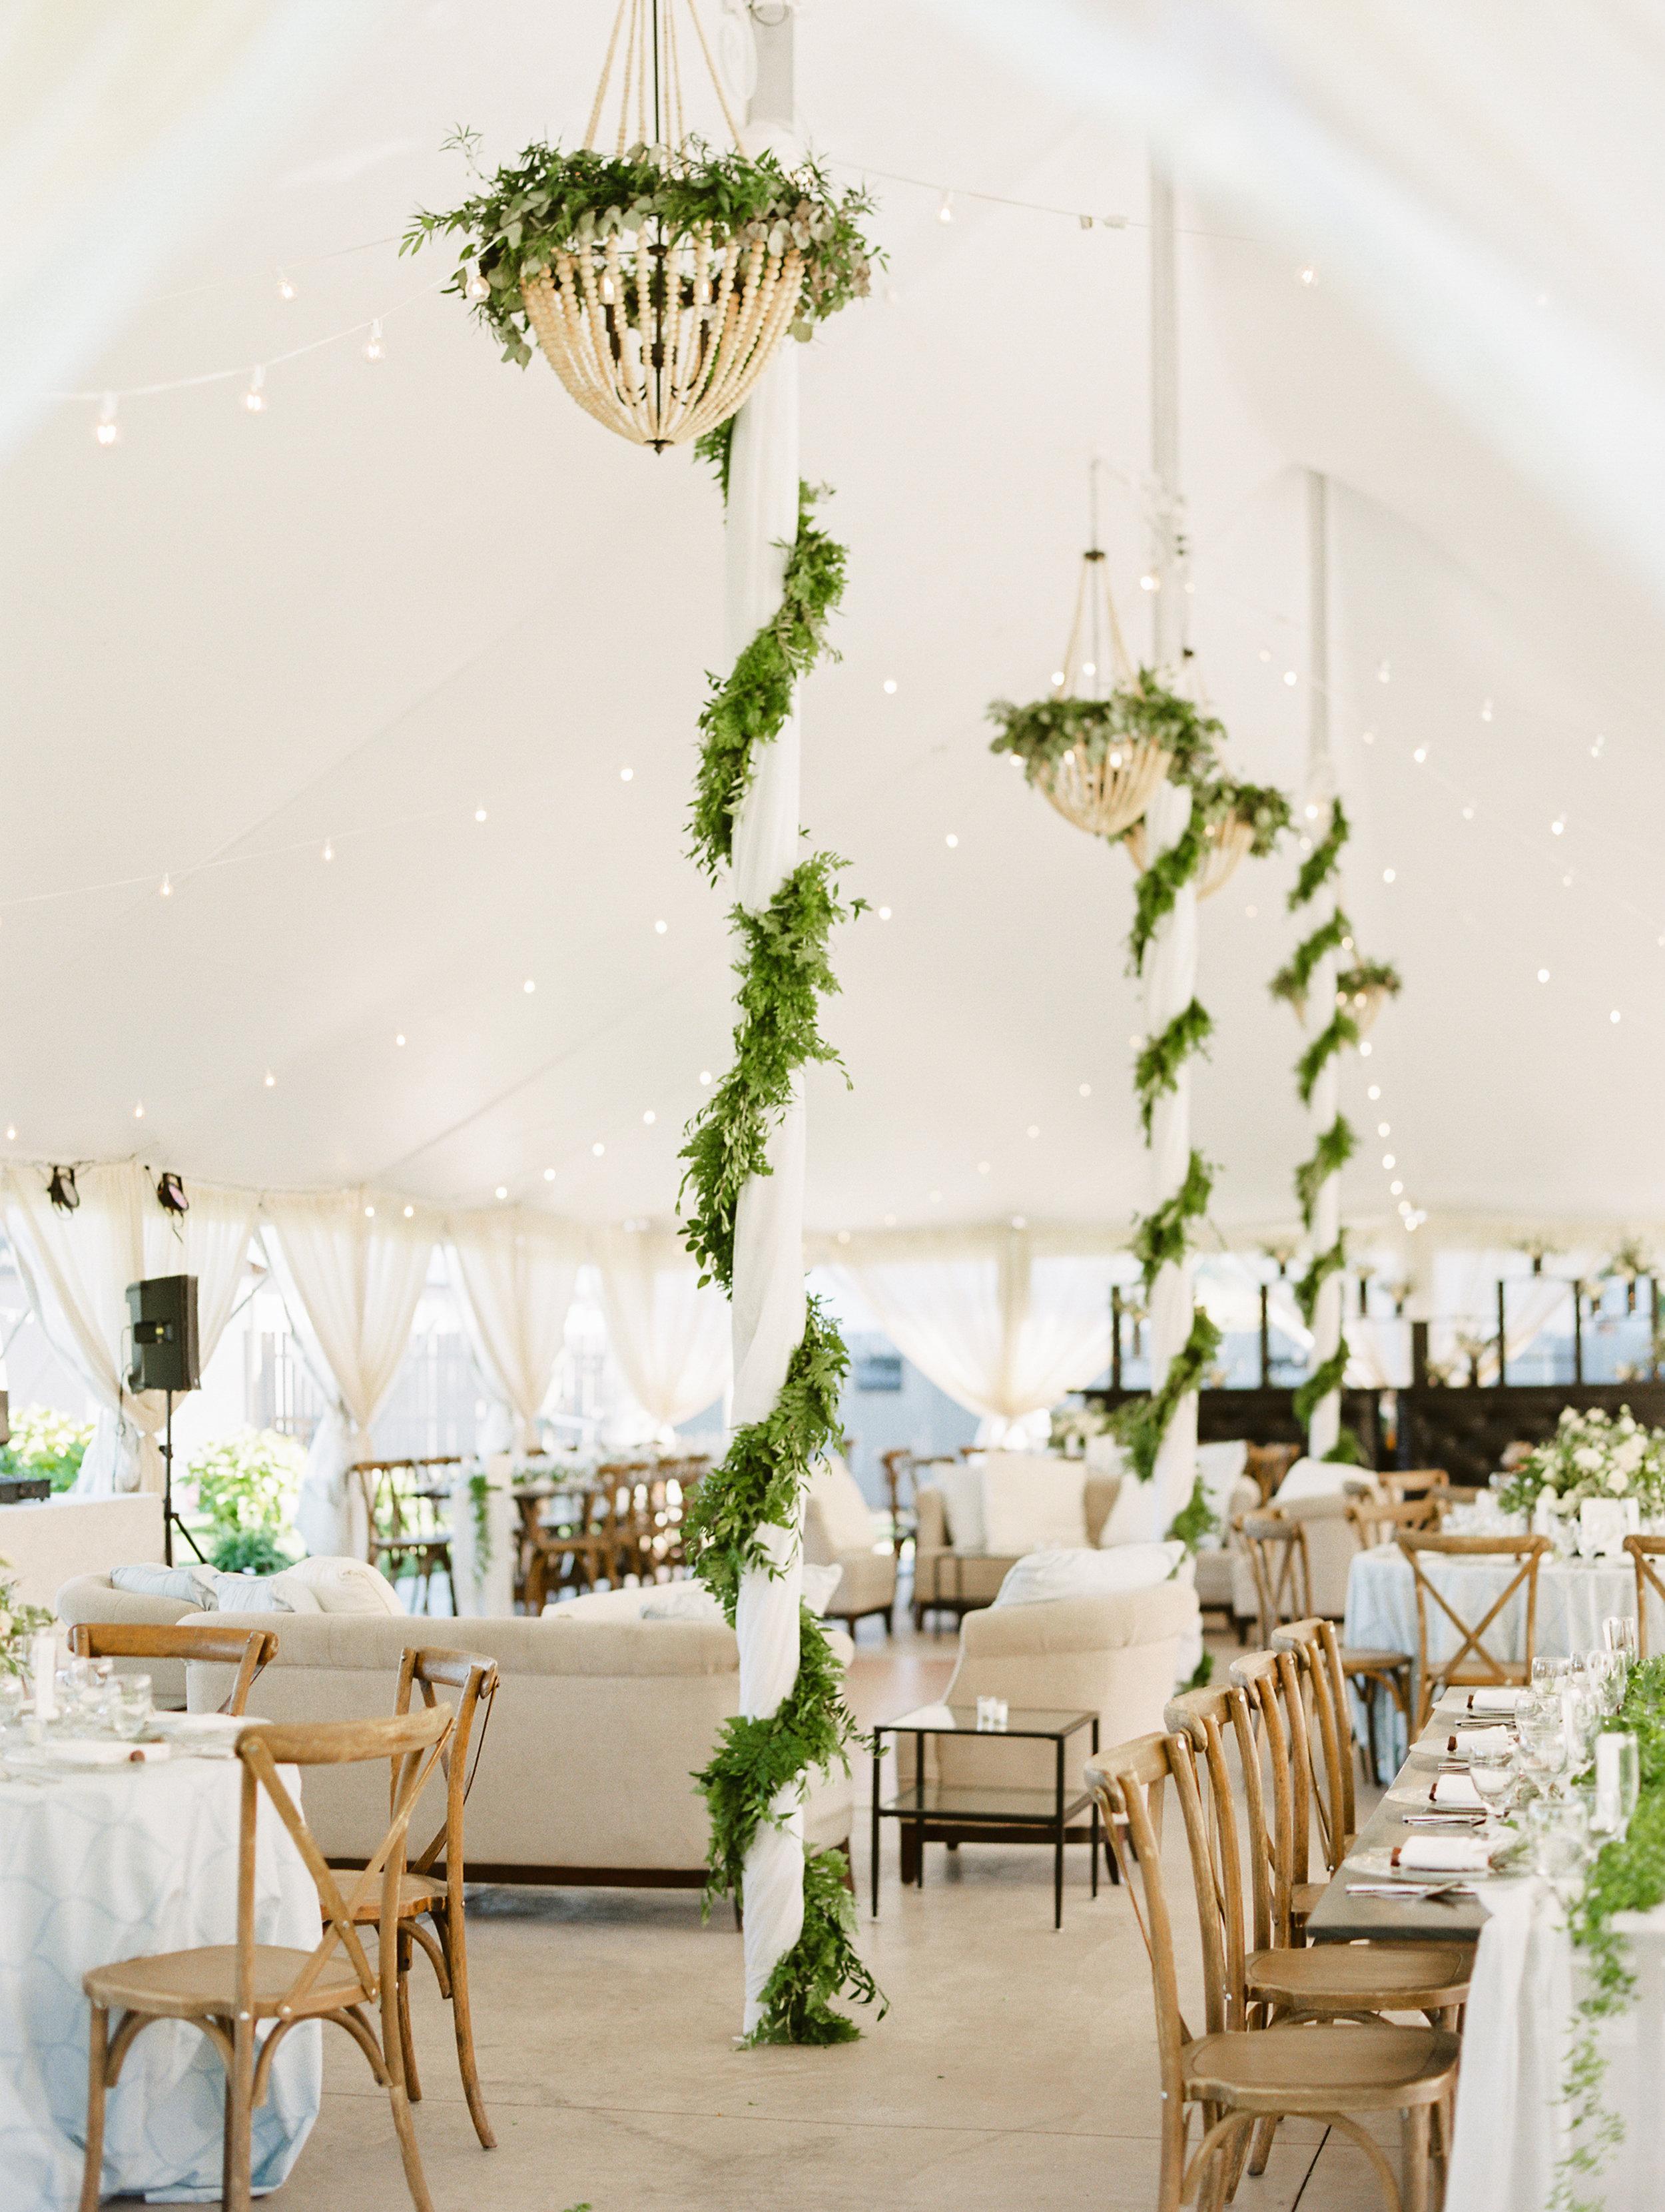 Steinlage+Wedding+Reception+Details-125.jpg